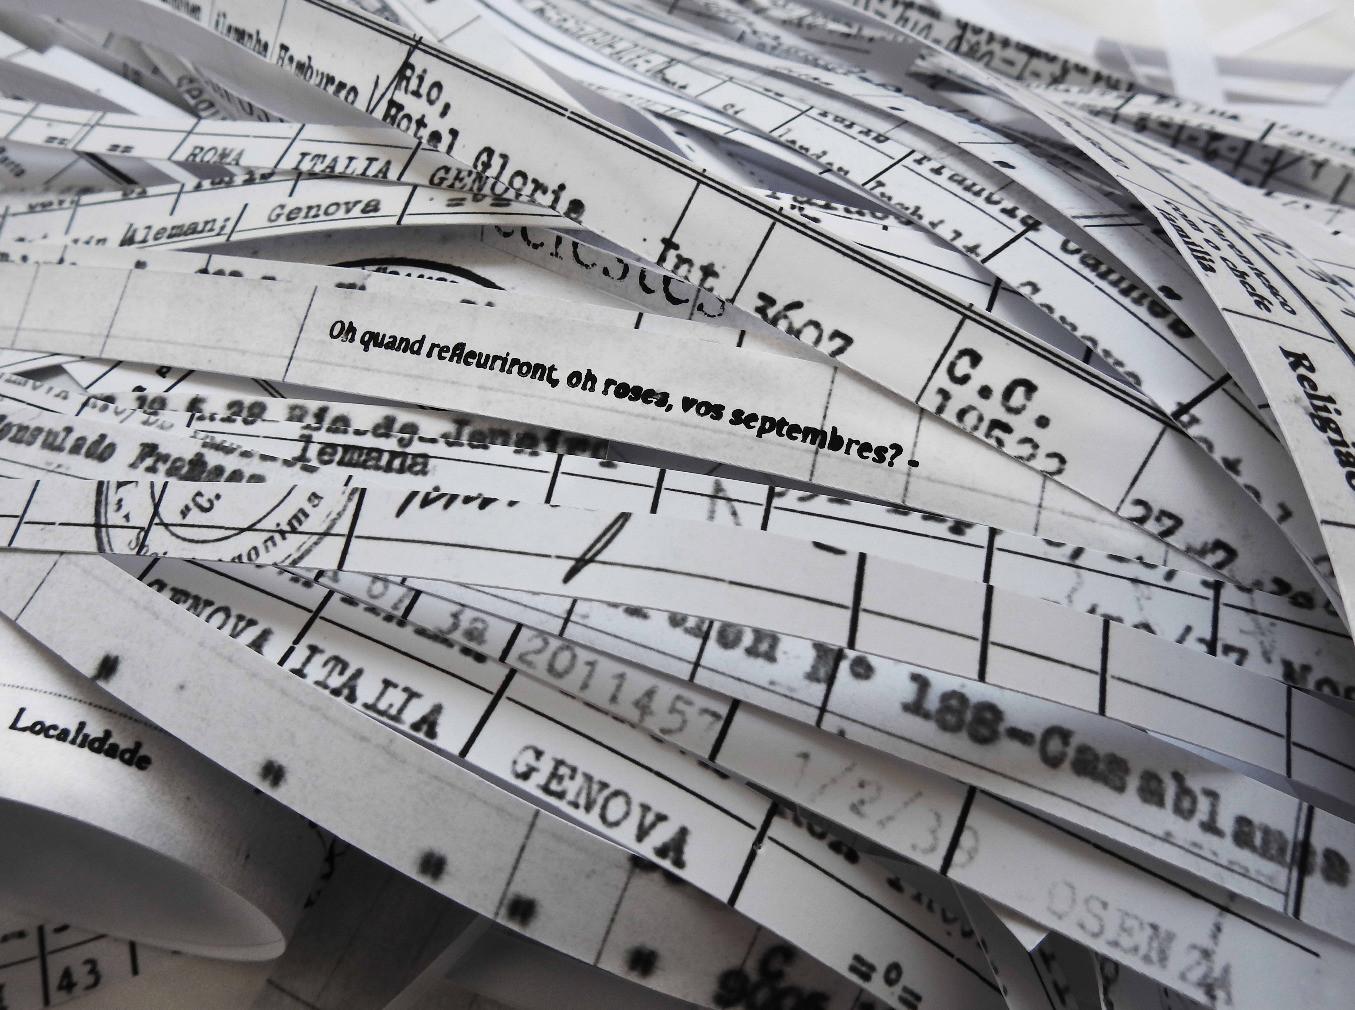 6.028 toneladas de registro [2018] impressão jato de tinta sobre papel de algodão, 110 x 95 cada